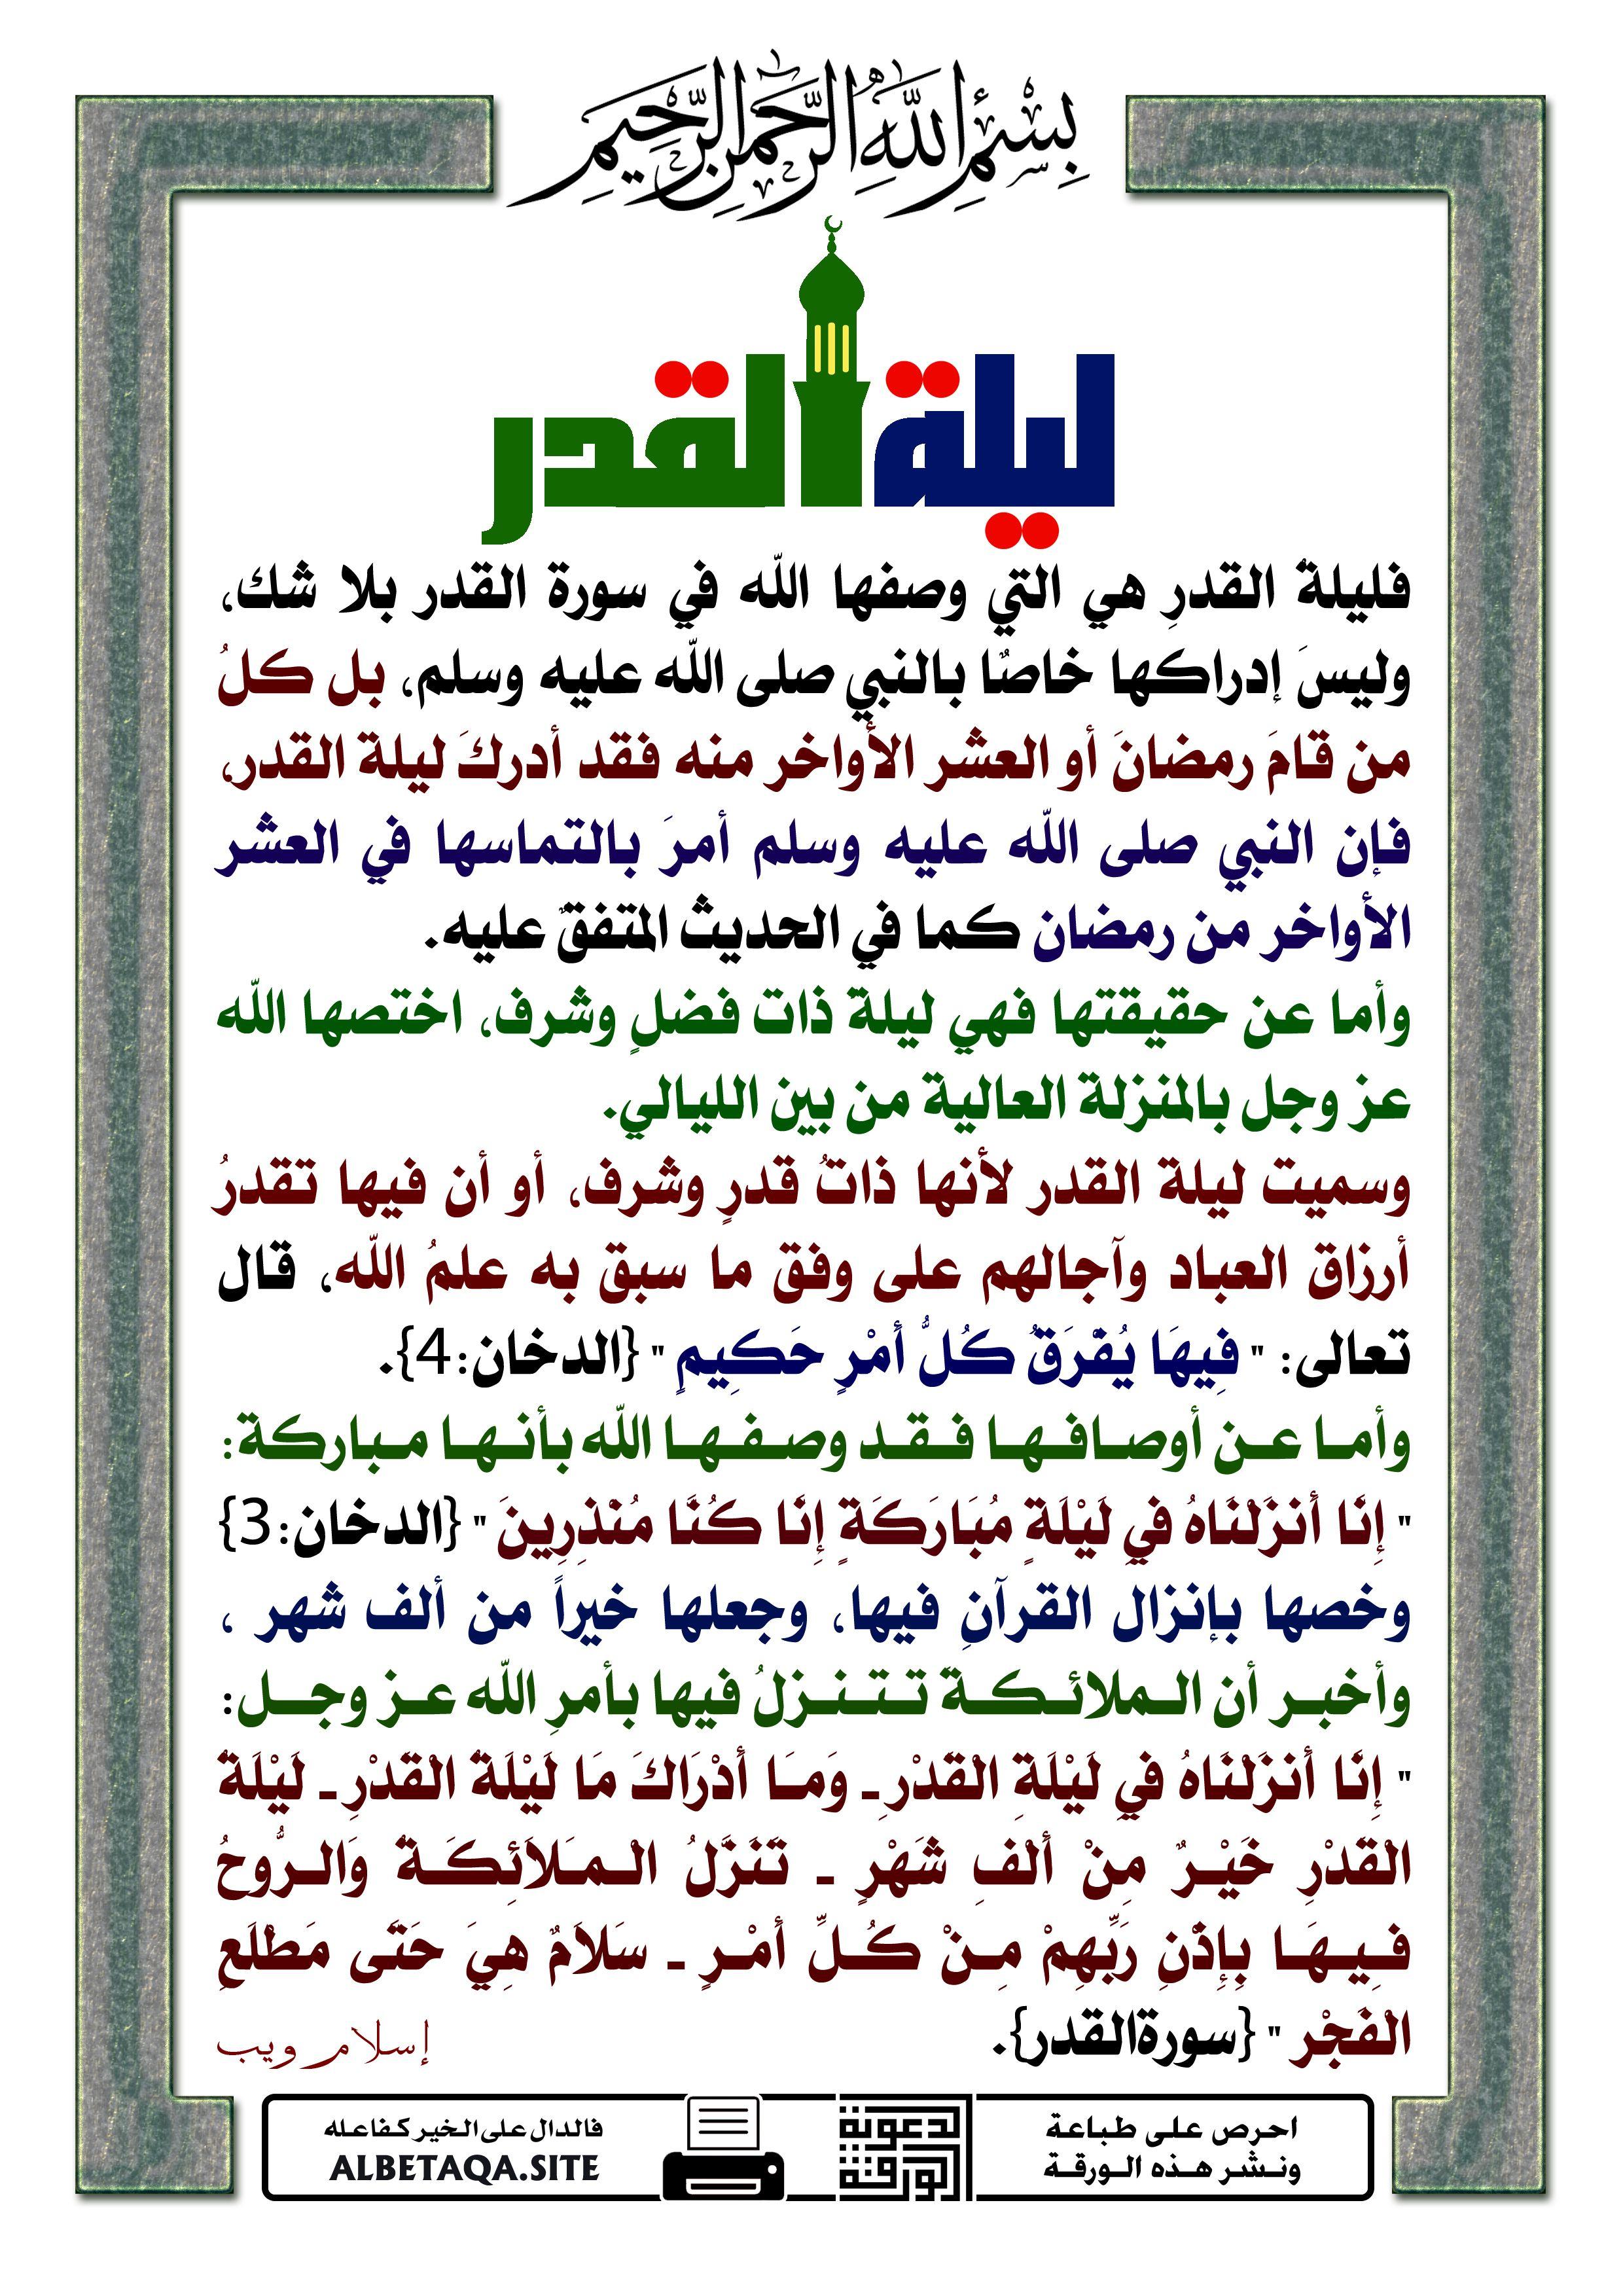 شهر رمضان المبارك العشر الاواخر والاعتكاف Quotations Ramadan Ramadan Kareem